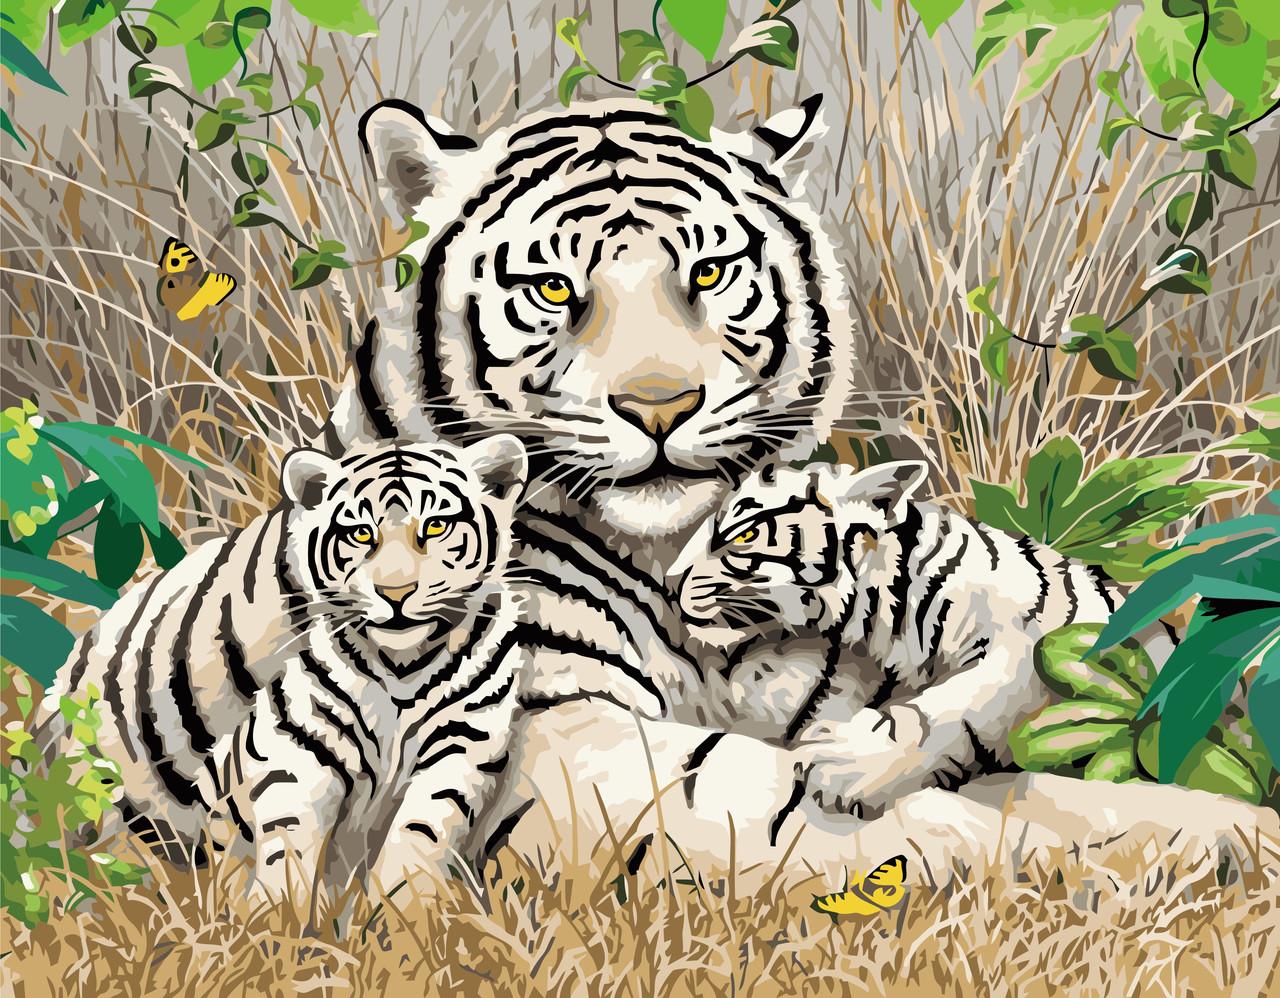 Картина по номерам VA-1705 Семья бенгальских тигров, 40х50см. Strateg